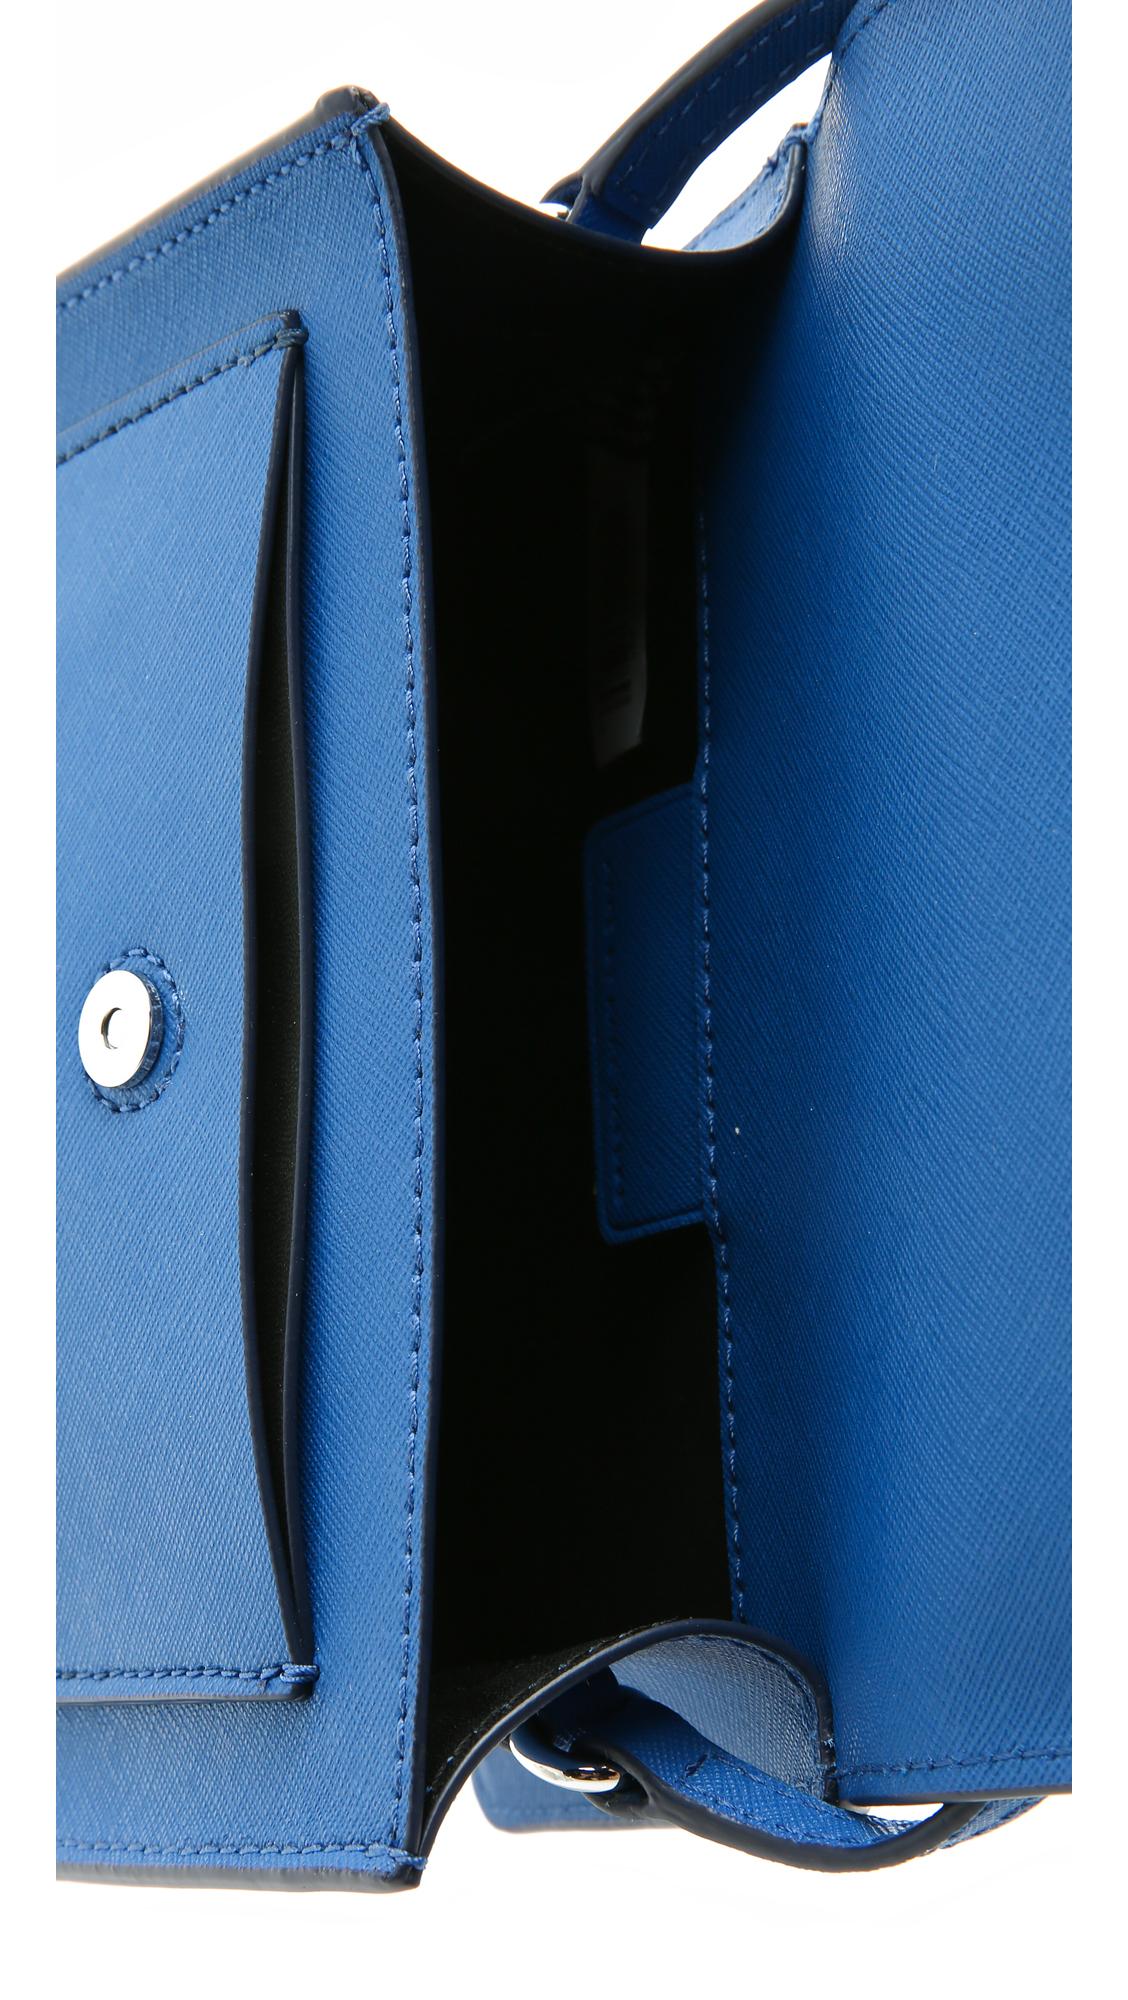 Marc By Marc Jacobs Metropoli Cross Body Bag - Salton Sea in Blue